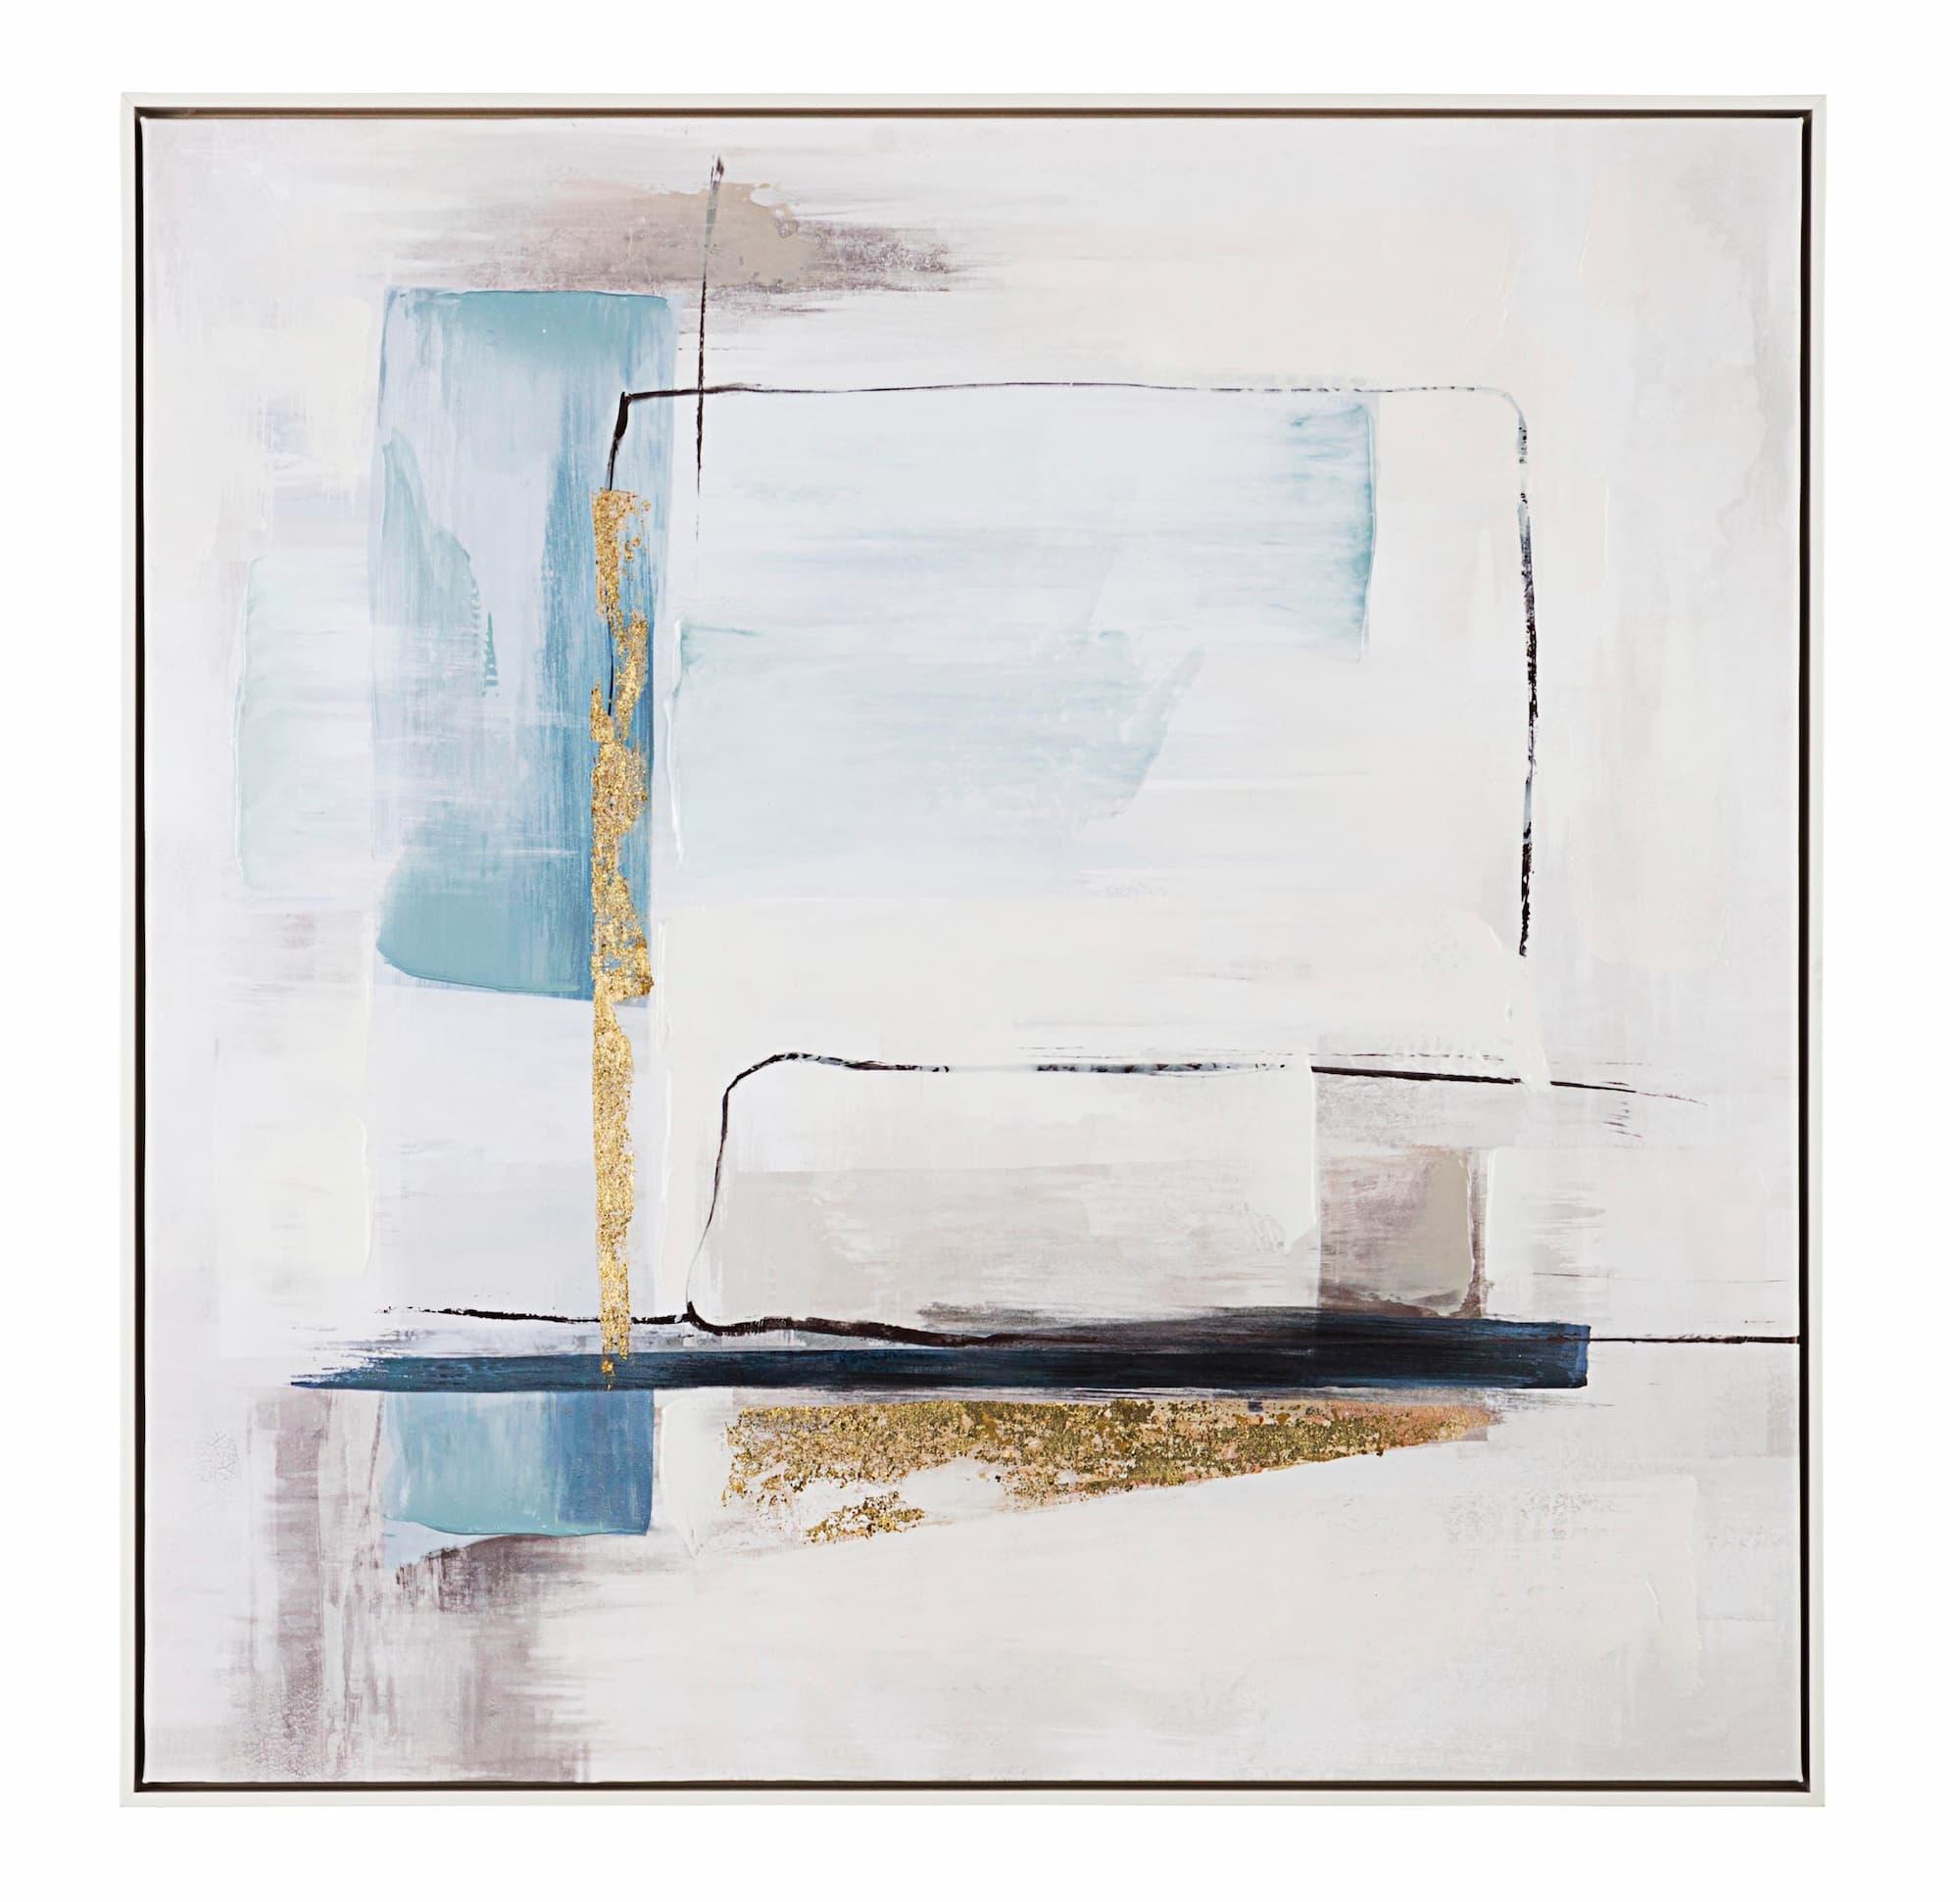 Tablou Canvas Crown P2379-4, 82,5 x 82,5 cm imagine